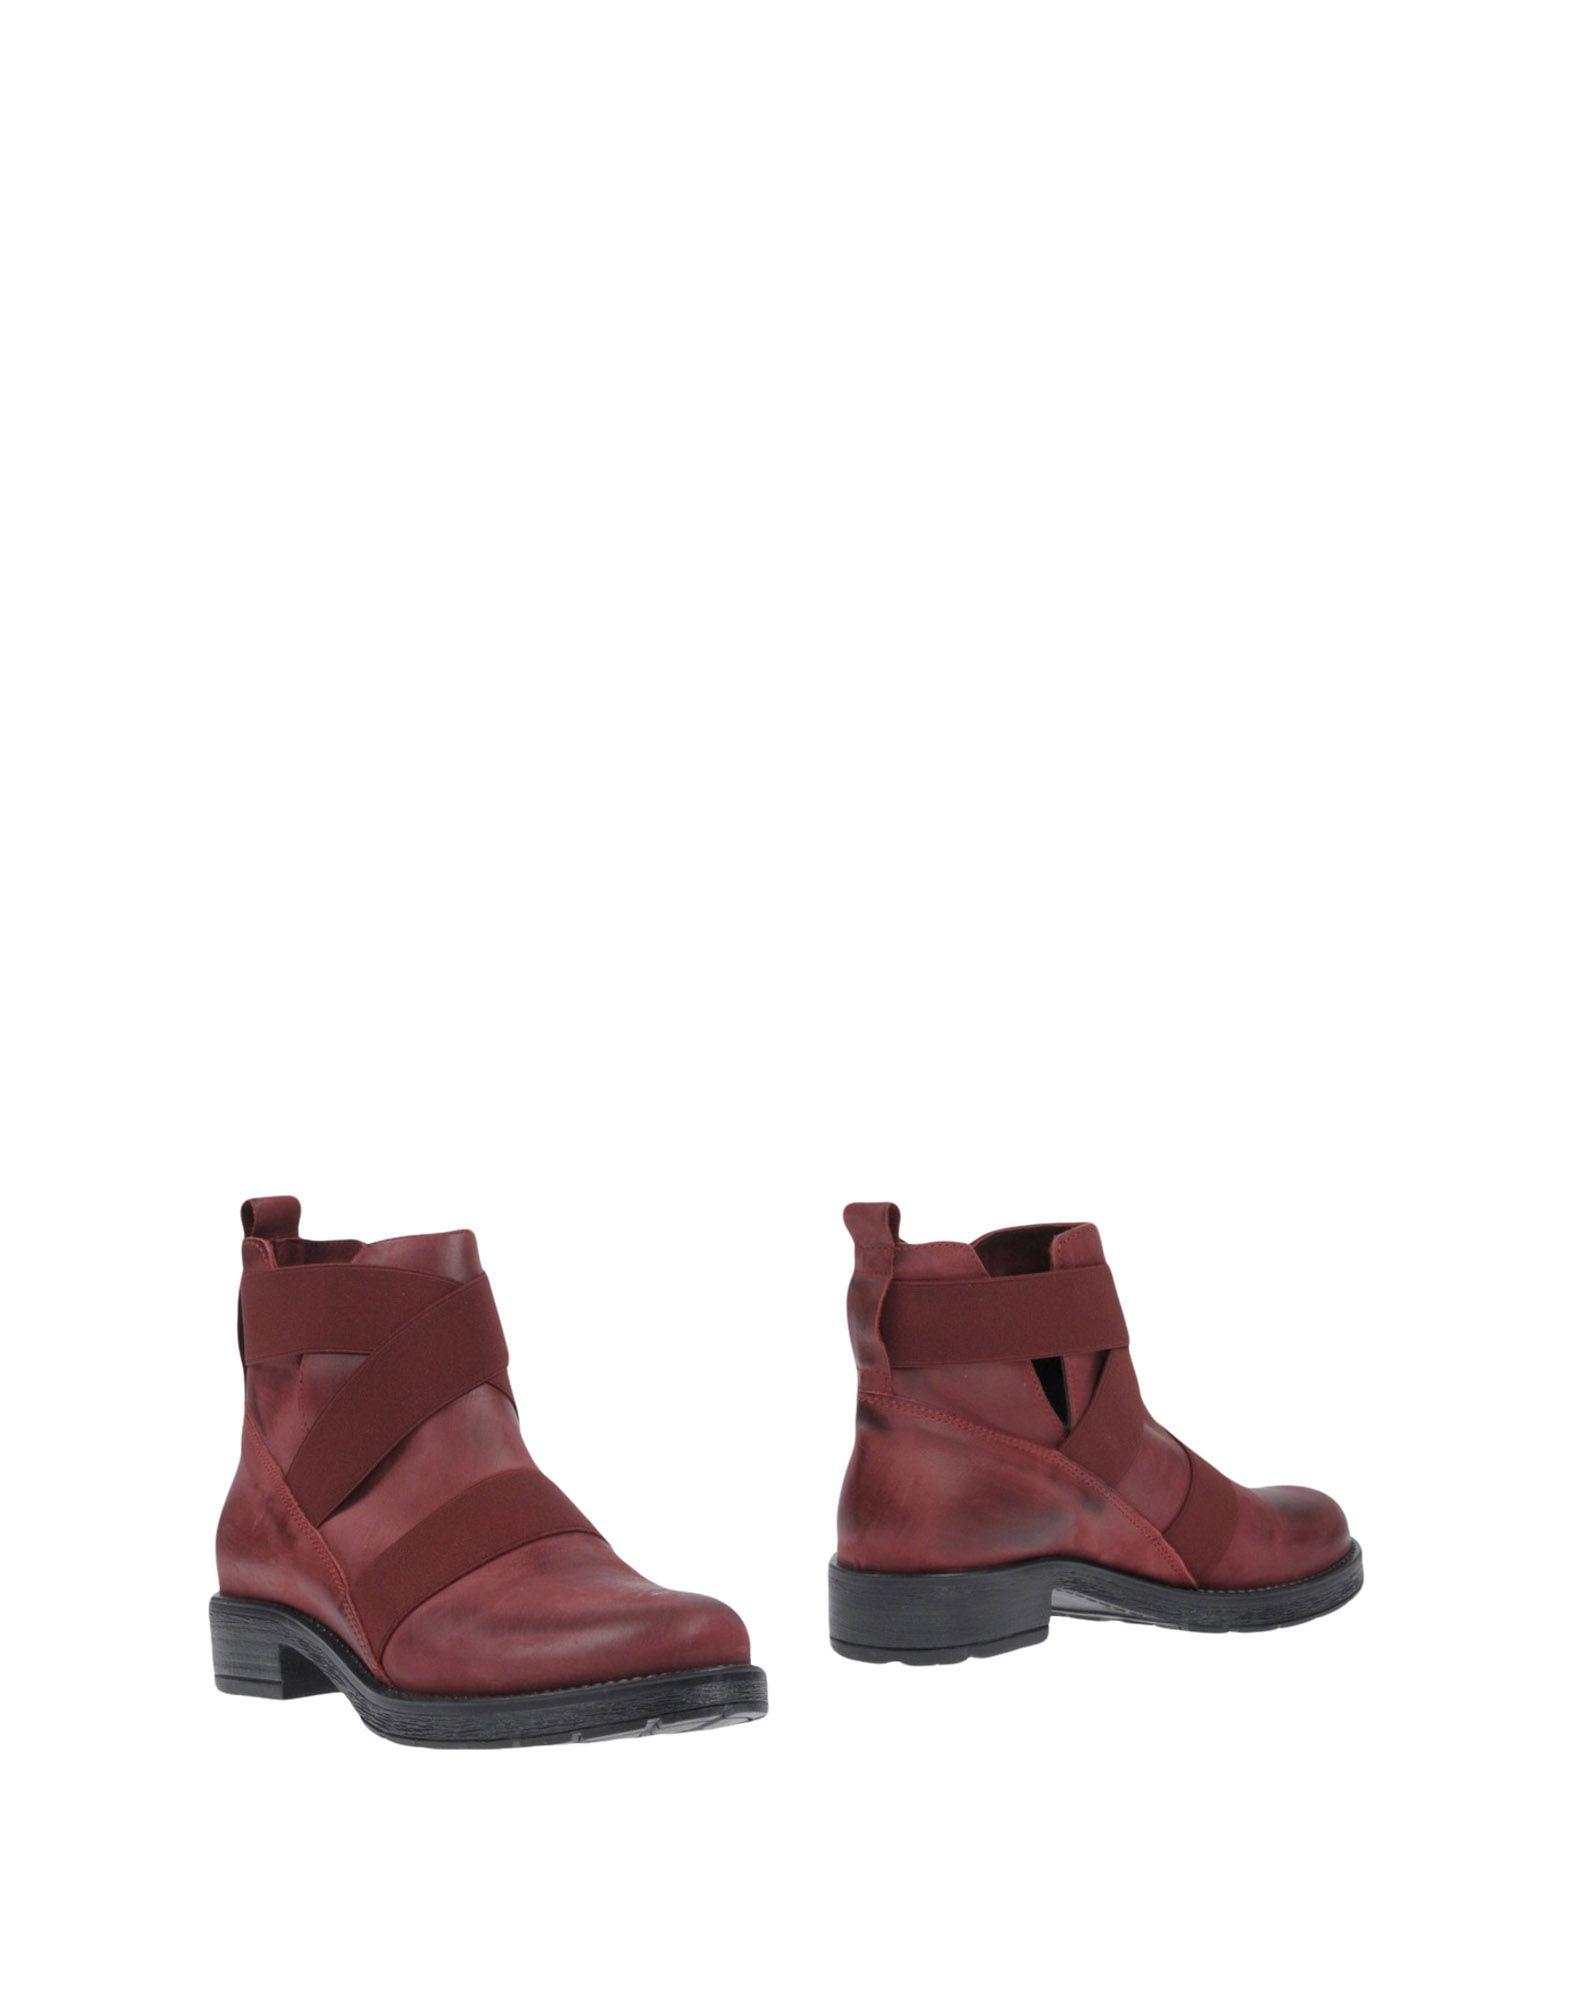 Paola Firenze Stiefelette Damen  Schuhe 11455986MH Gute Qualität beliebte Schuhe  b90697